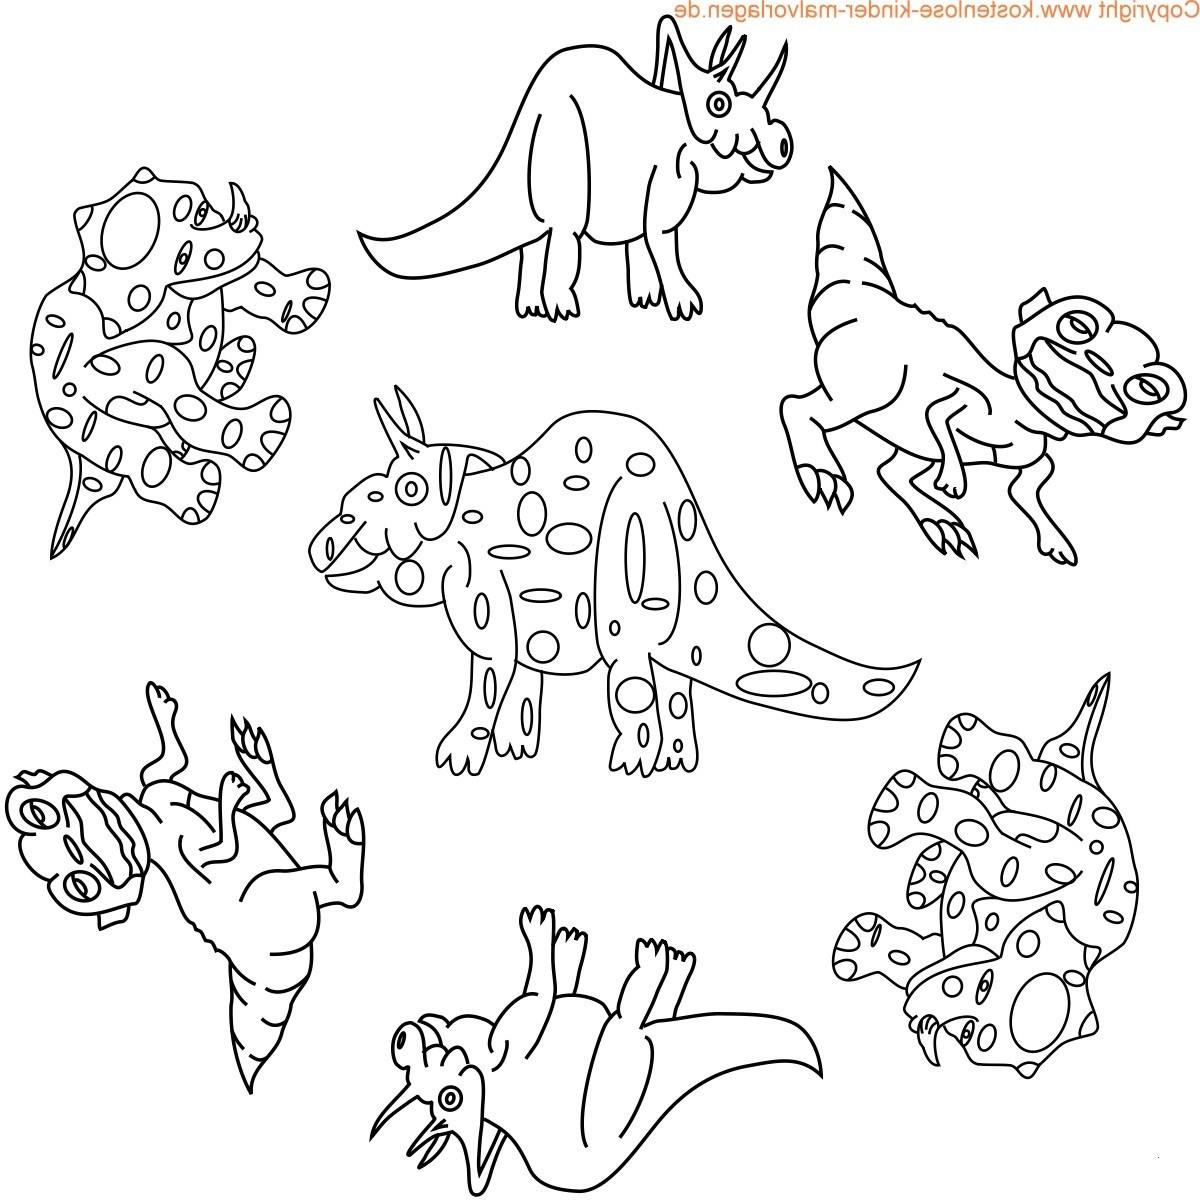 Dino Zug Ausmalbilder Inspirierend 27 Luxus Dinosaurier Ausmalbilder – Malvorlagen Ideen Fotos